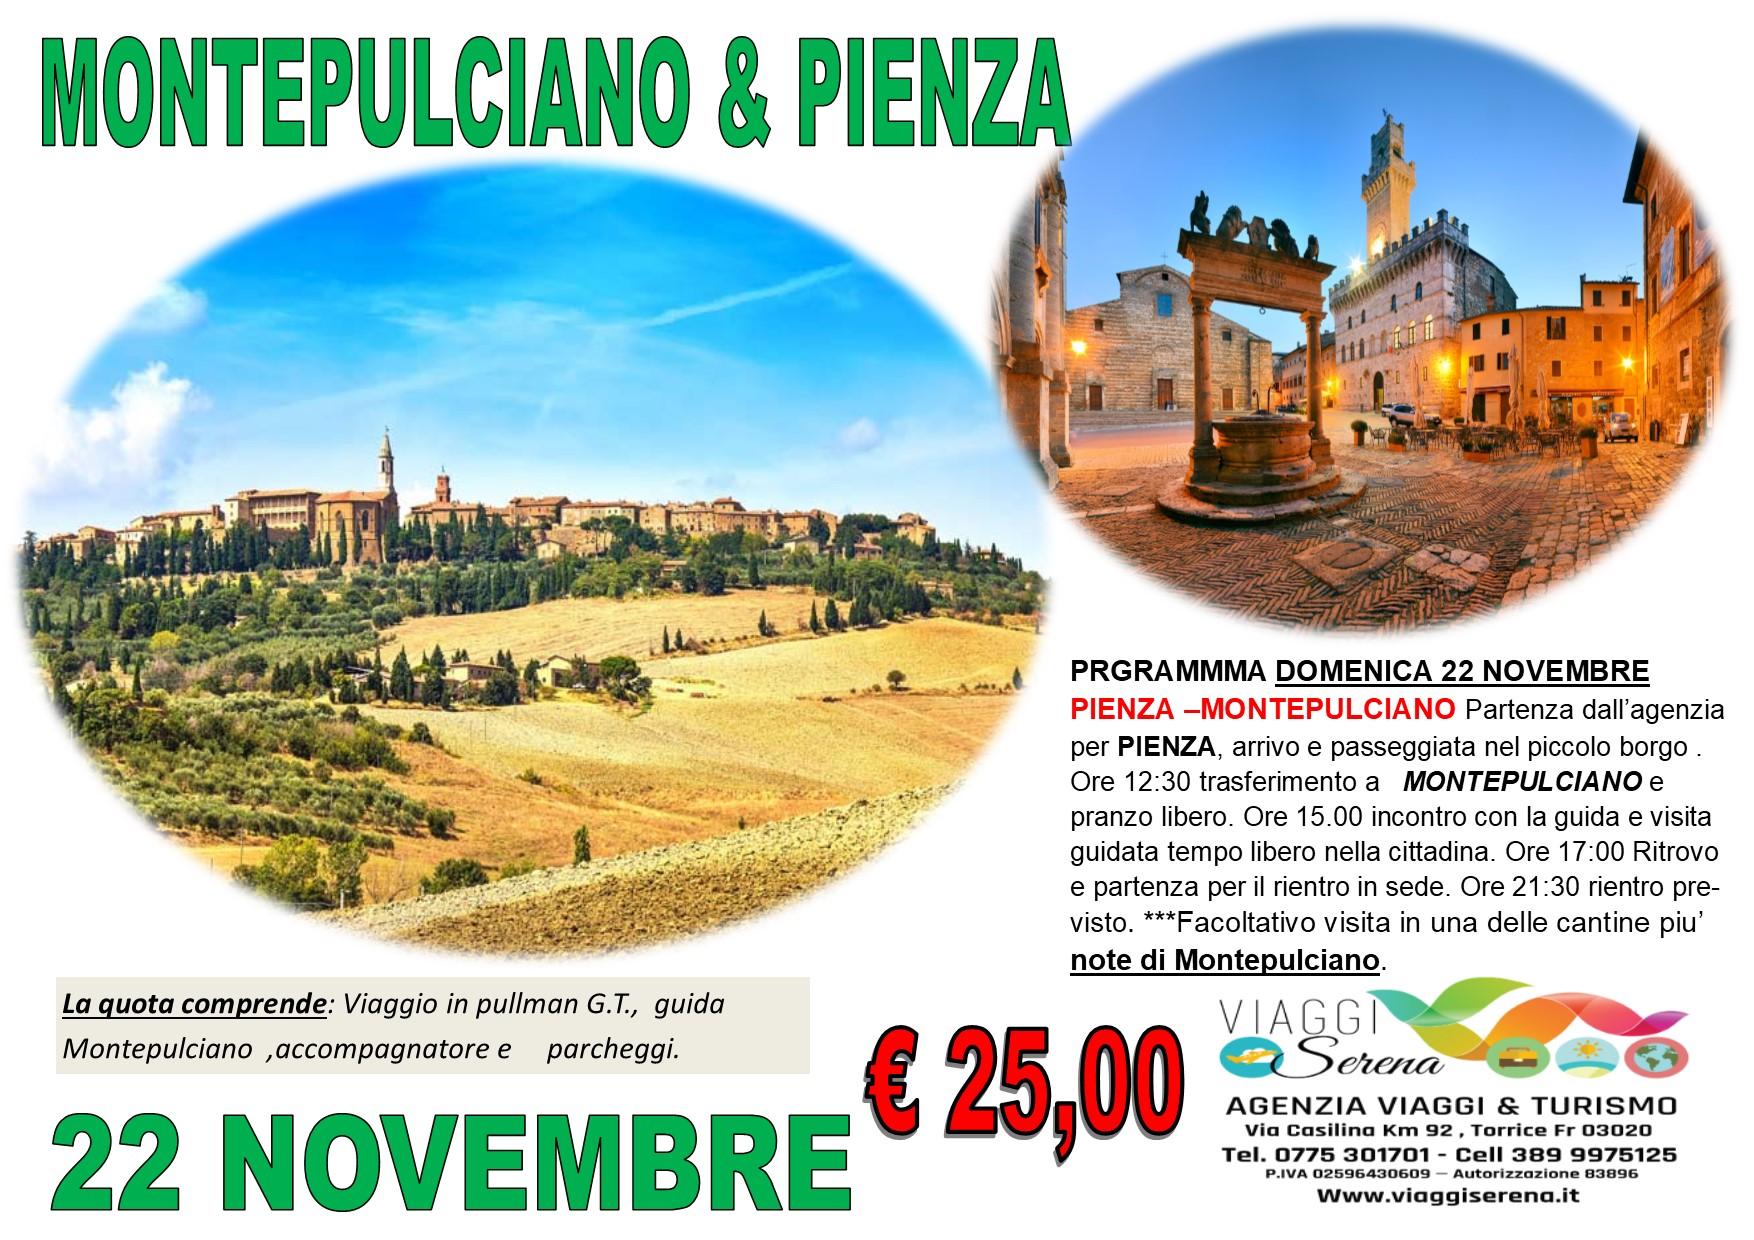 Viaggi di Gruppo: Montepulciano & Pienza 22 Novembre € 25,00